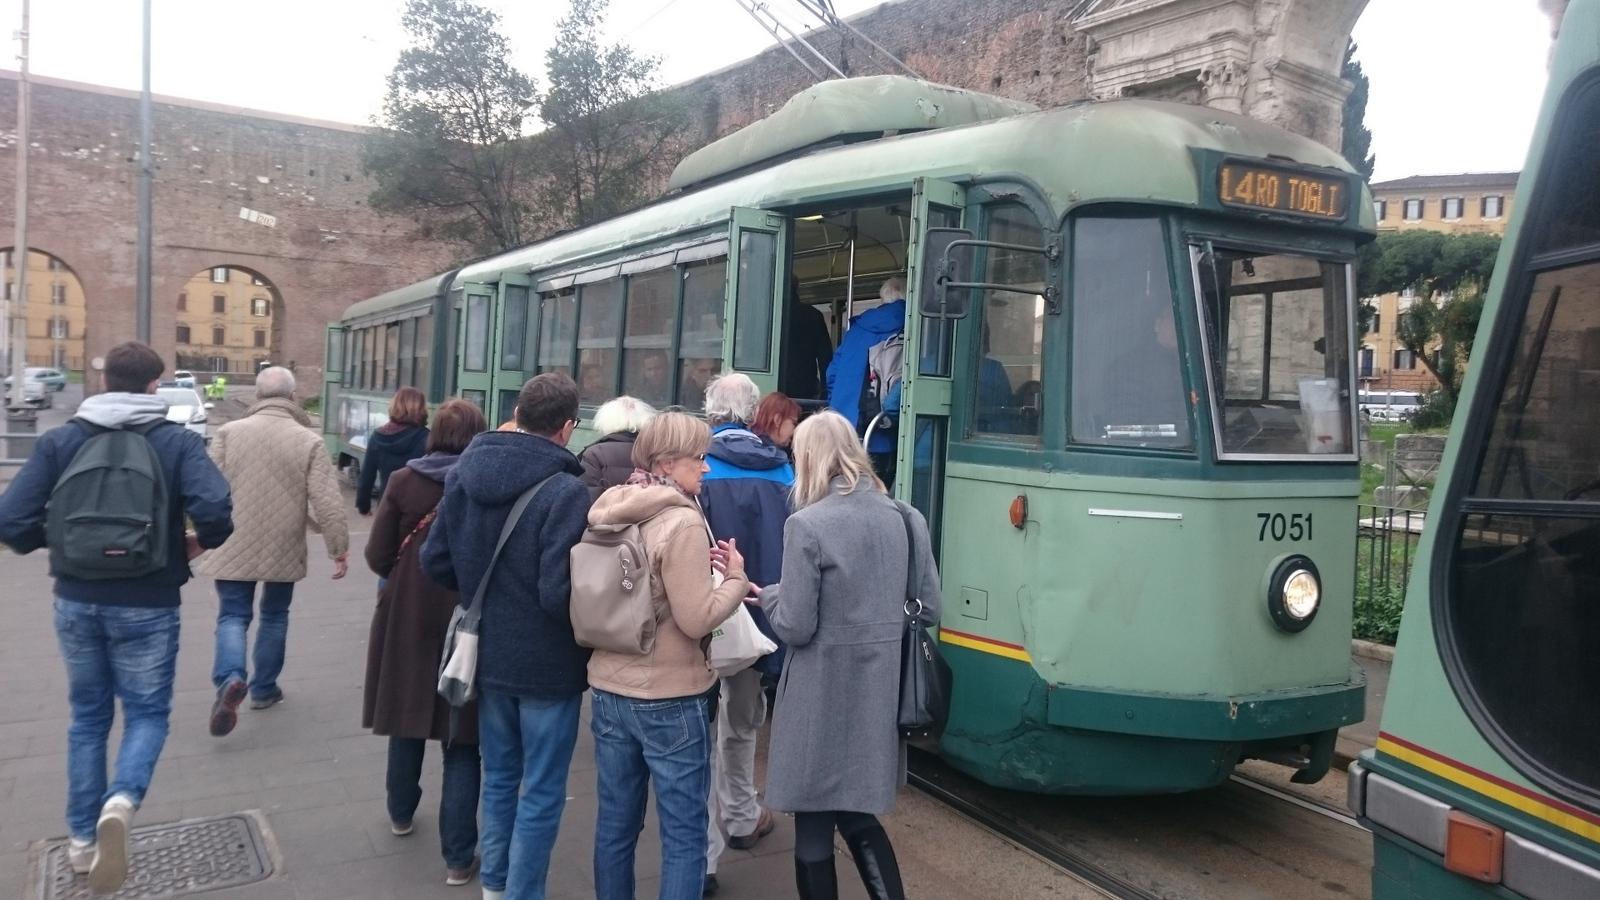 weniger stauanfällig als die öffentlichen Busse und trotzdem langsam: die Straßenbahnen in Rom